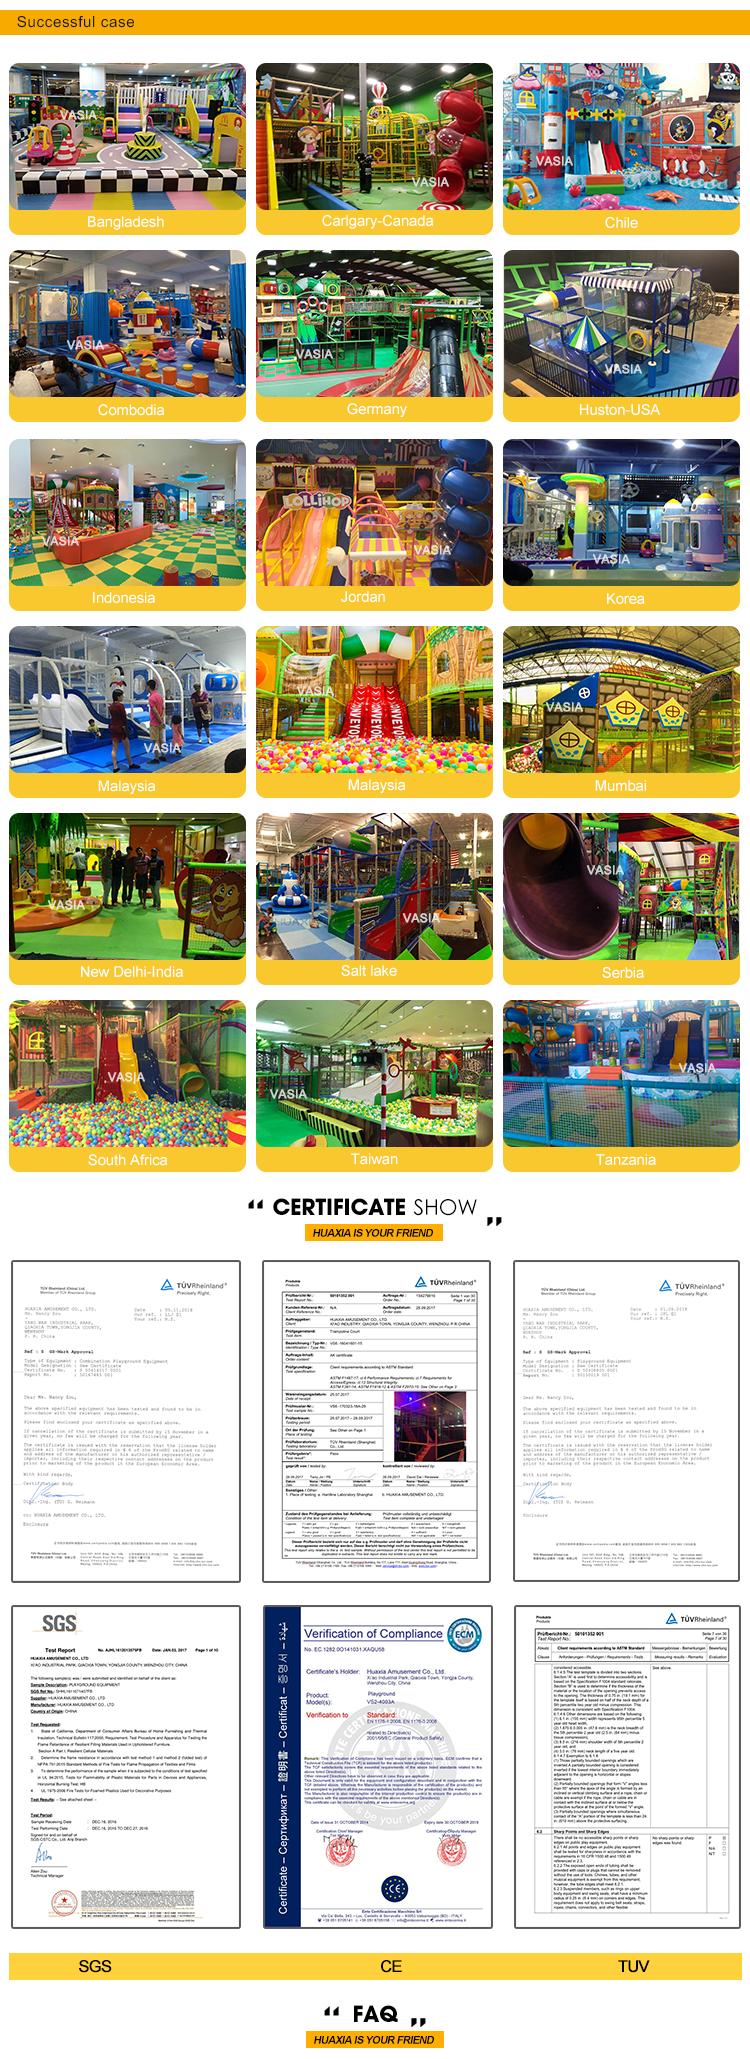 Vasia đồ chơi trẻ em vui chơi giải trí công viên sản phẩm trong nhà thiết bị sân chơi mềm chơi thiết bị